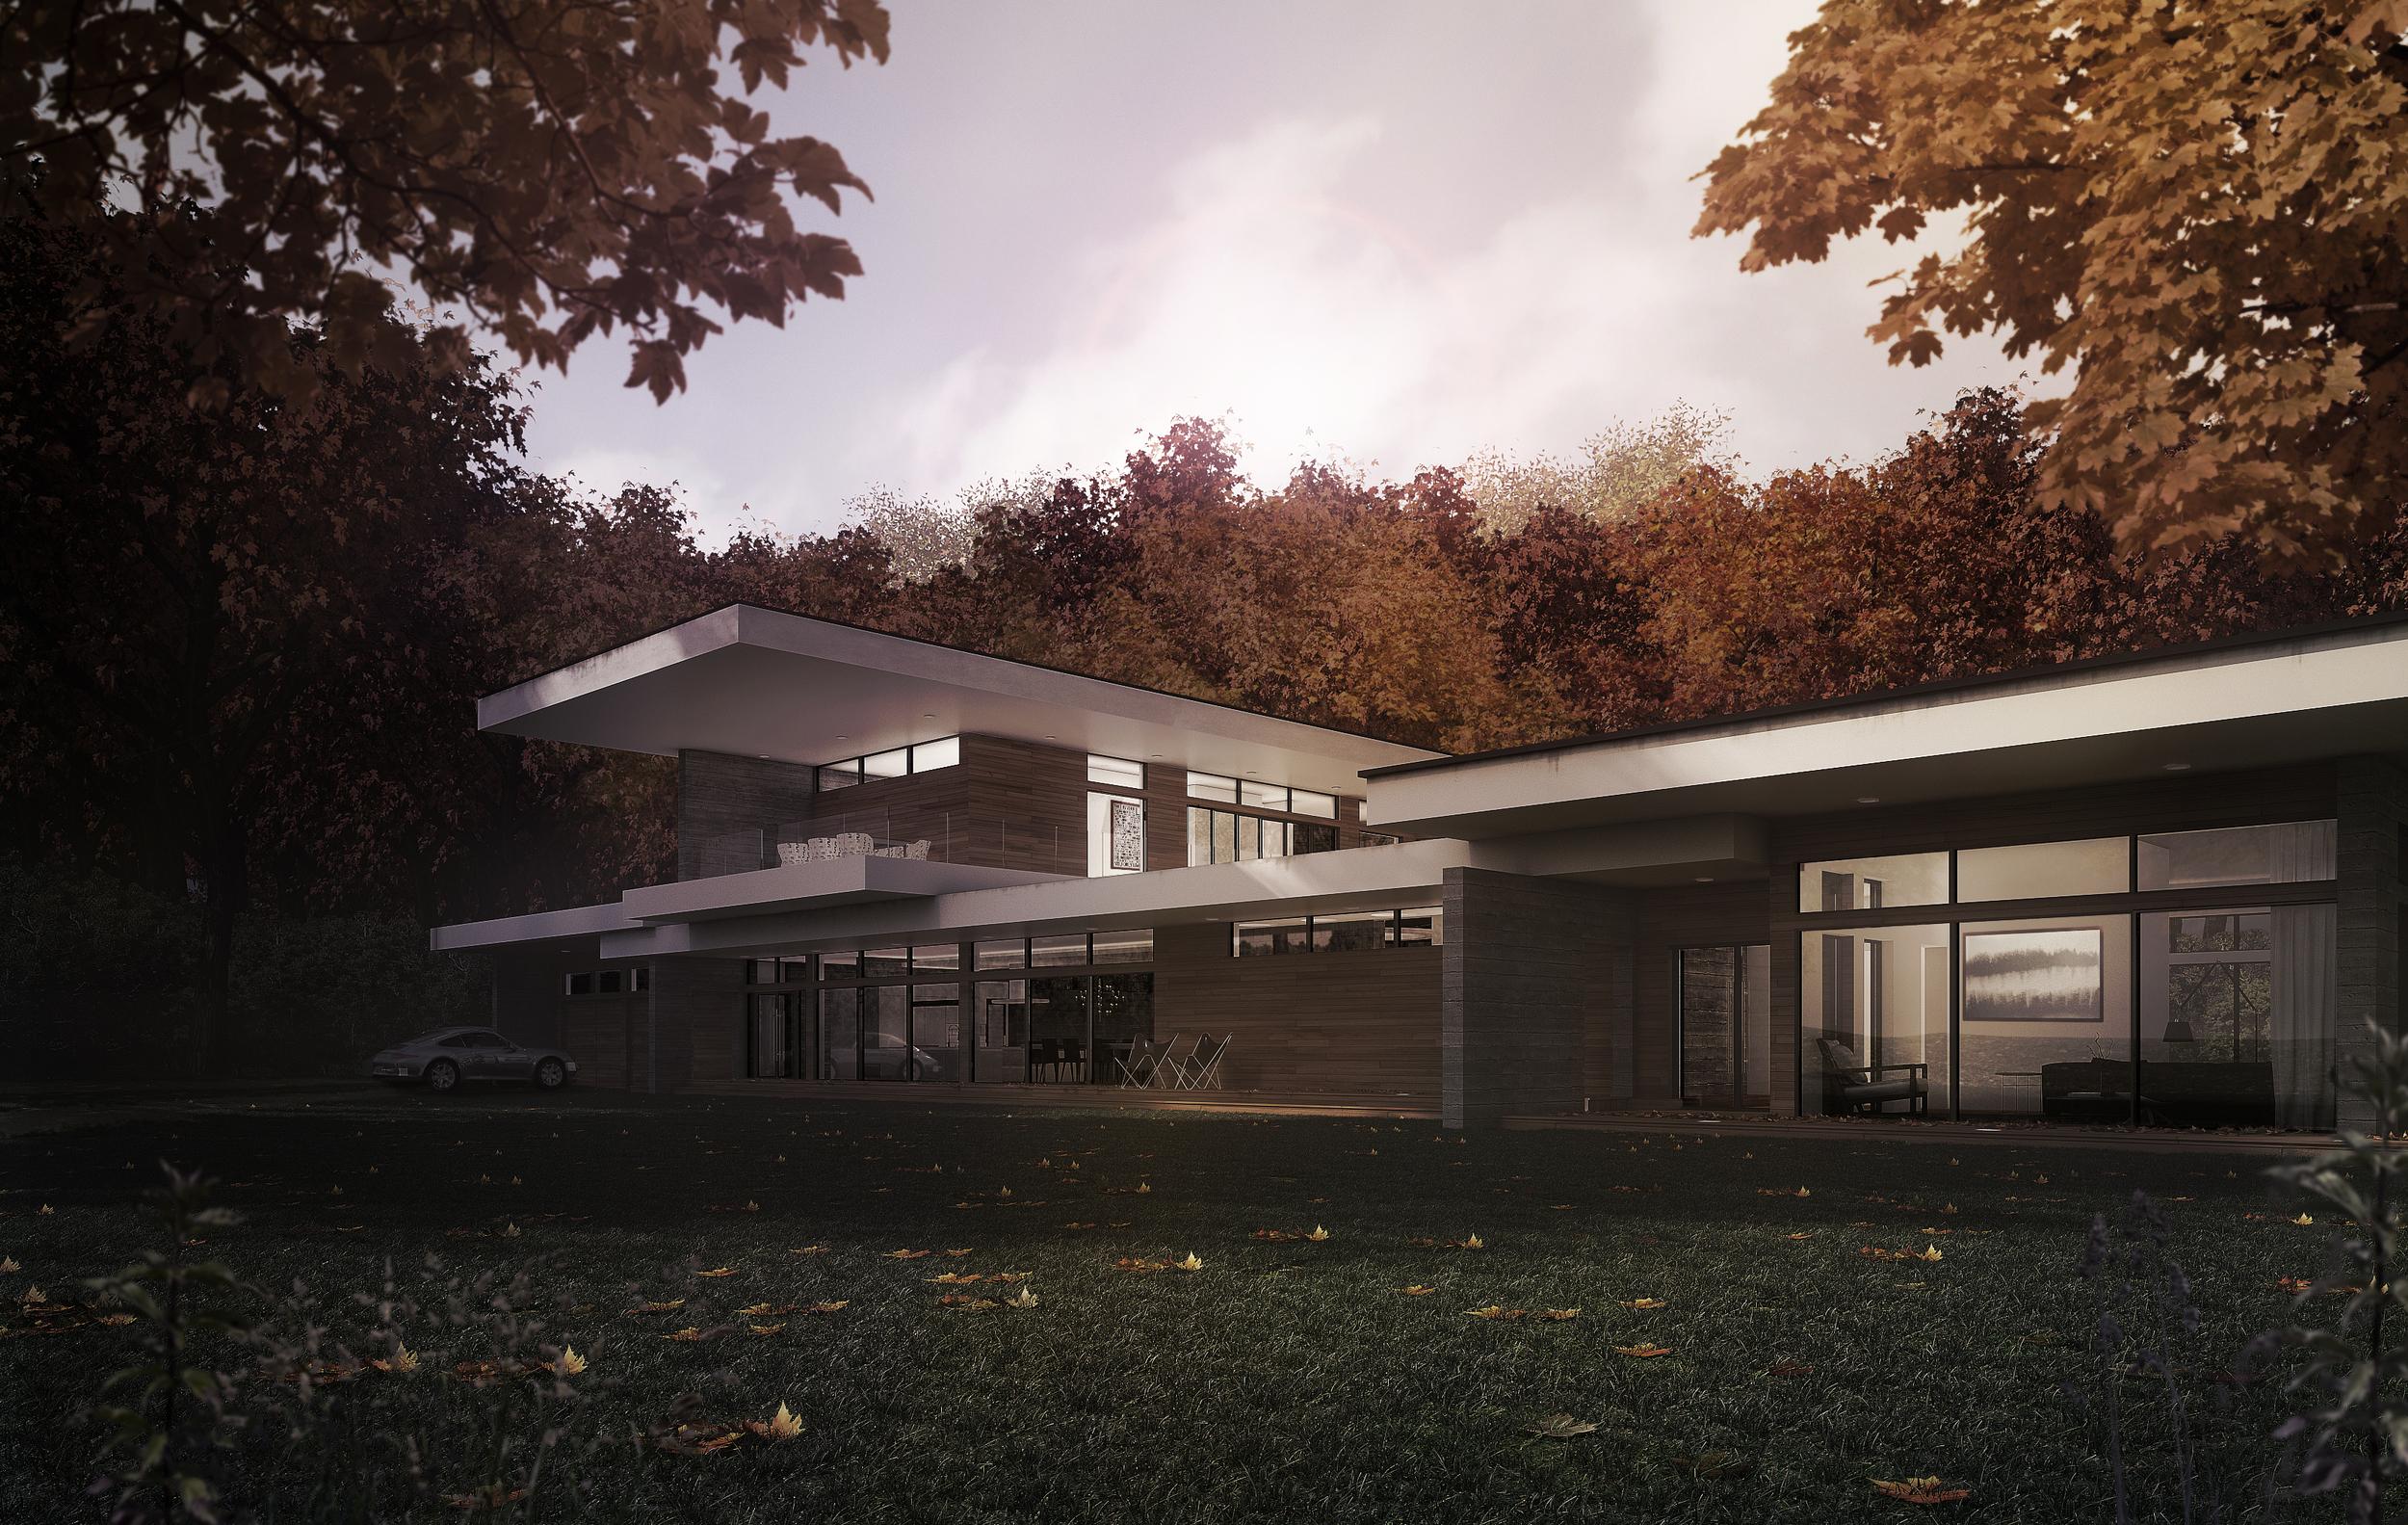 ARCHITECTURE: Vue avant